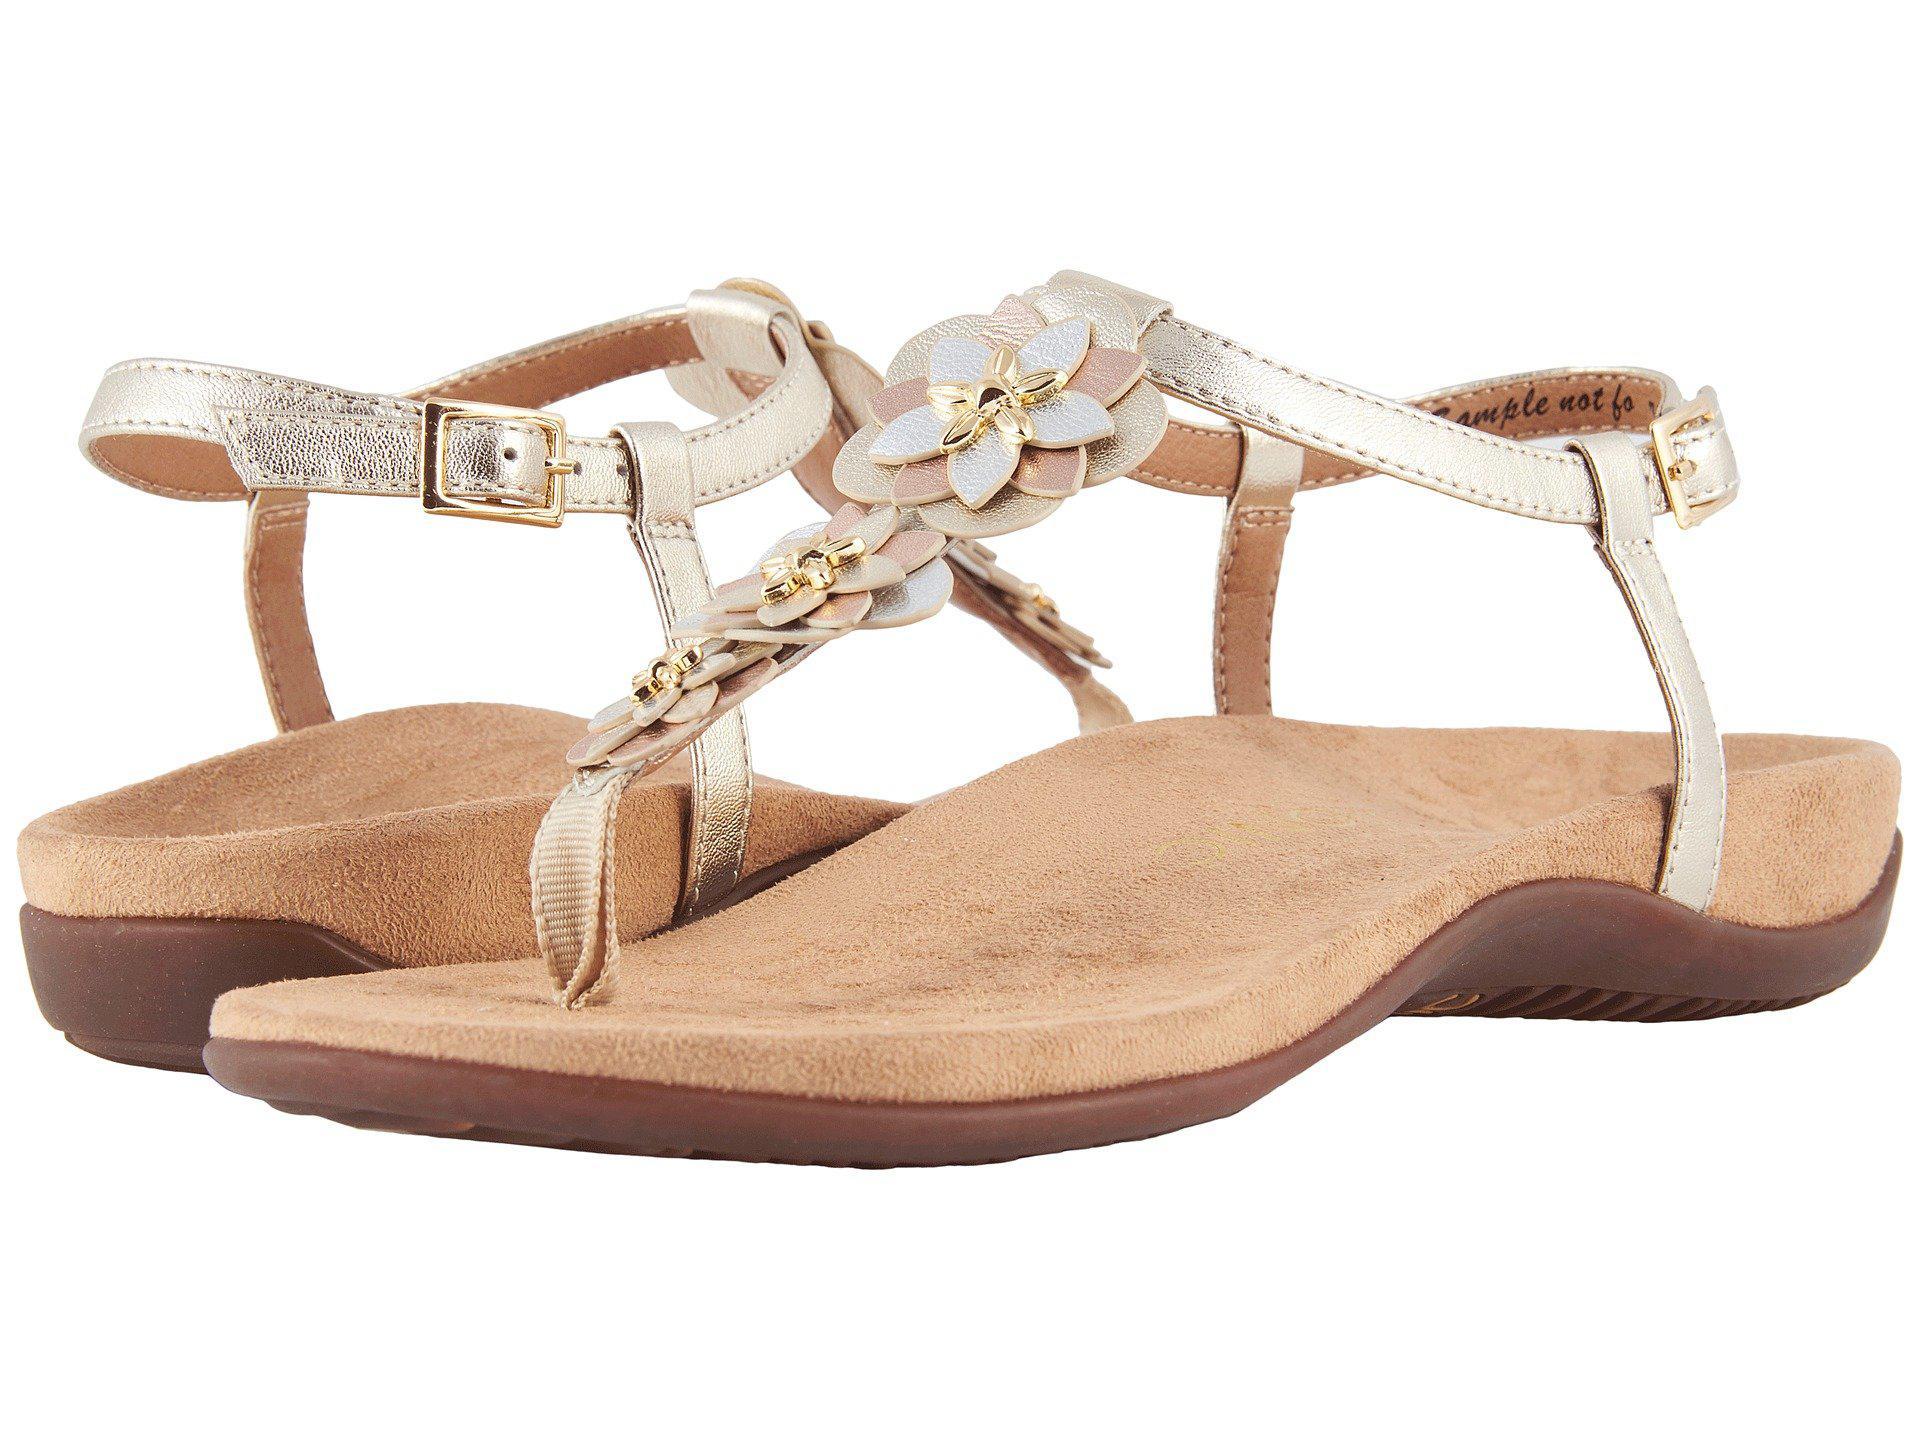 cc26746c791c Lyst - Vionic Paulie (champagne) Women s Sandals